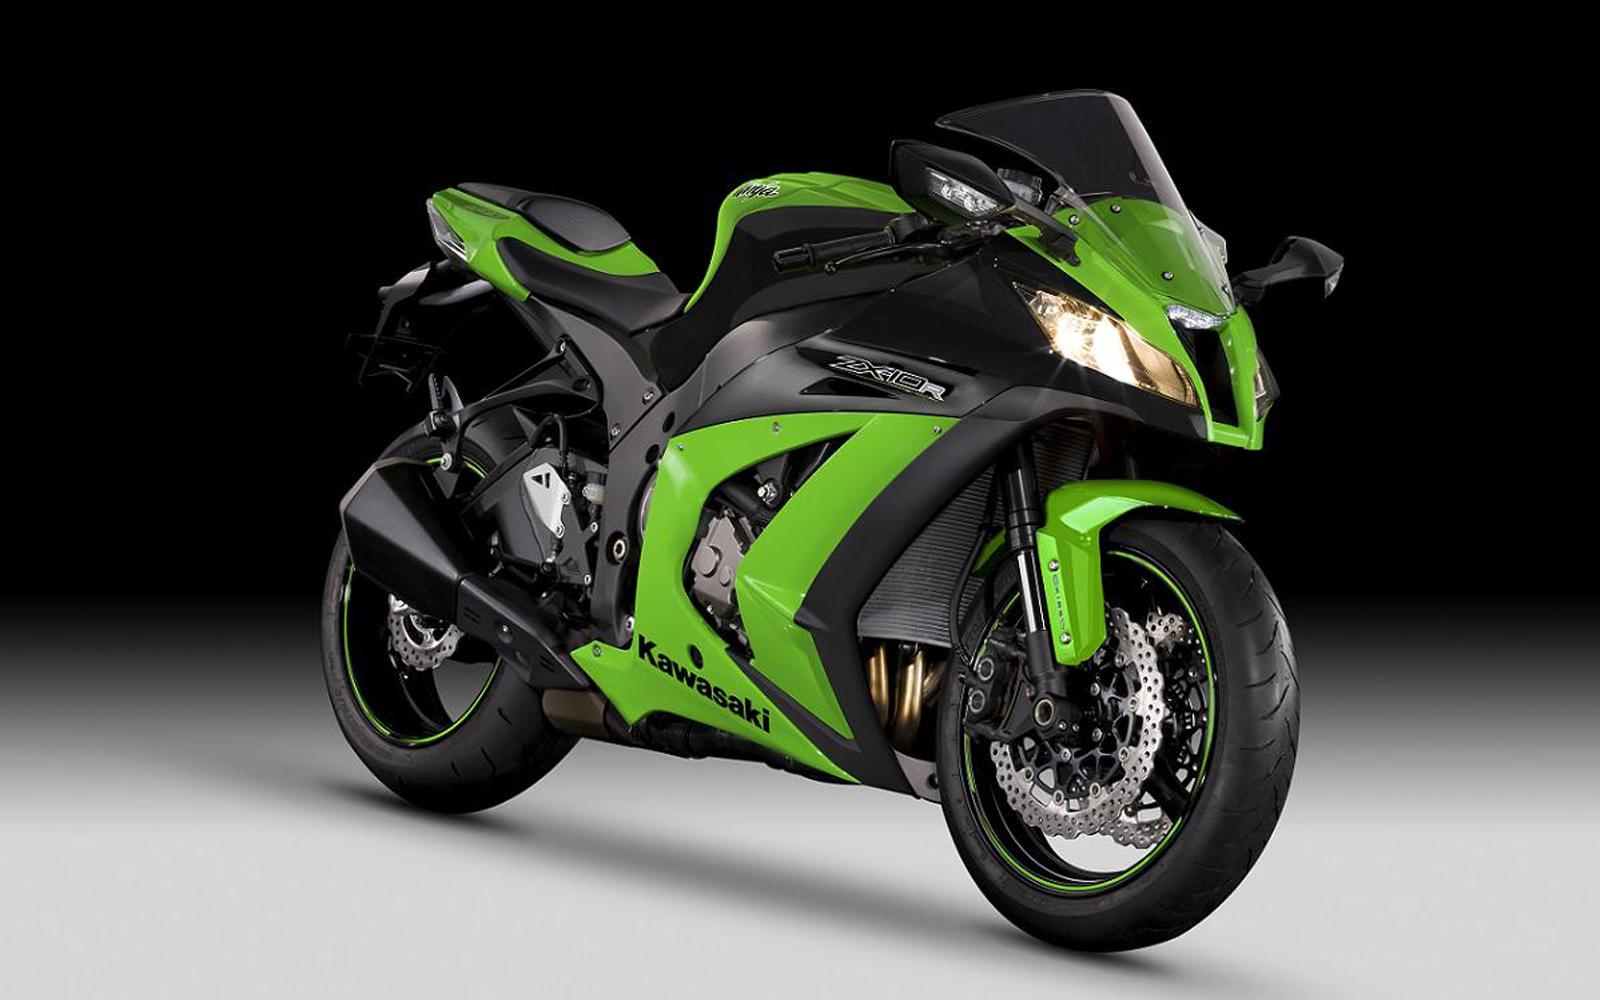 motor-kawasaki-ninja-zx10-r